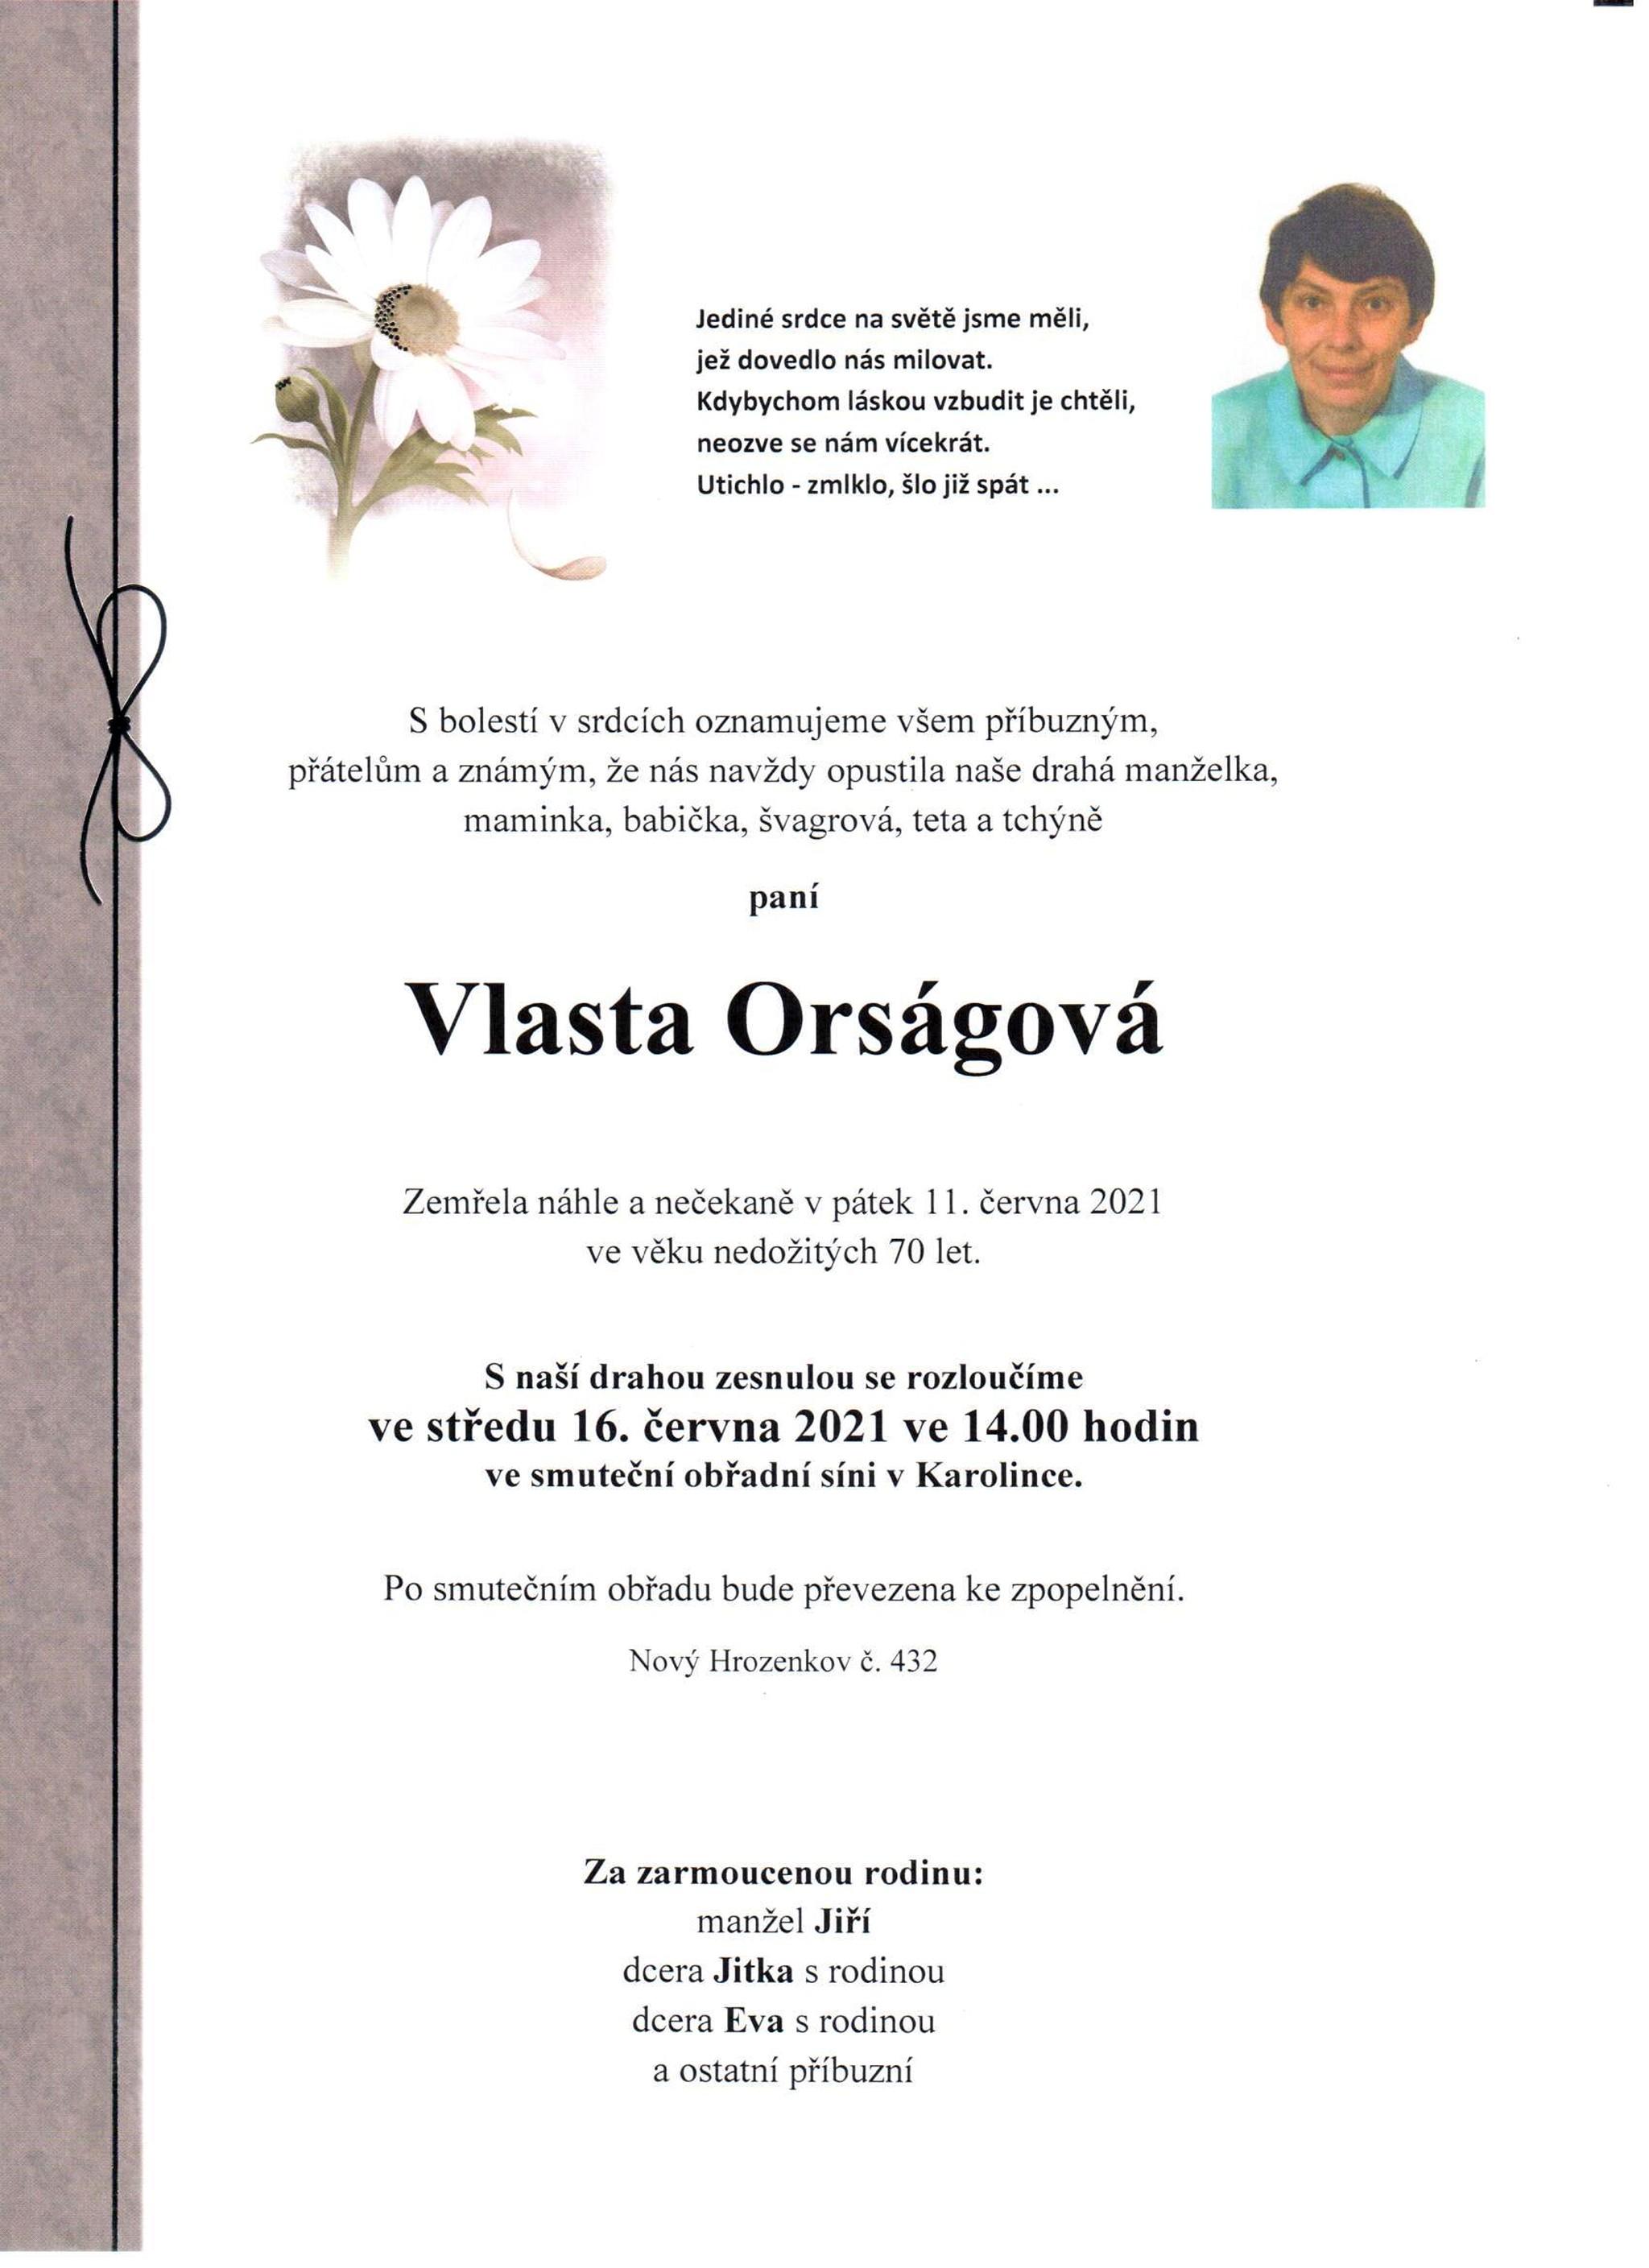 Vlasta Orságová